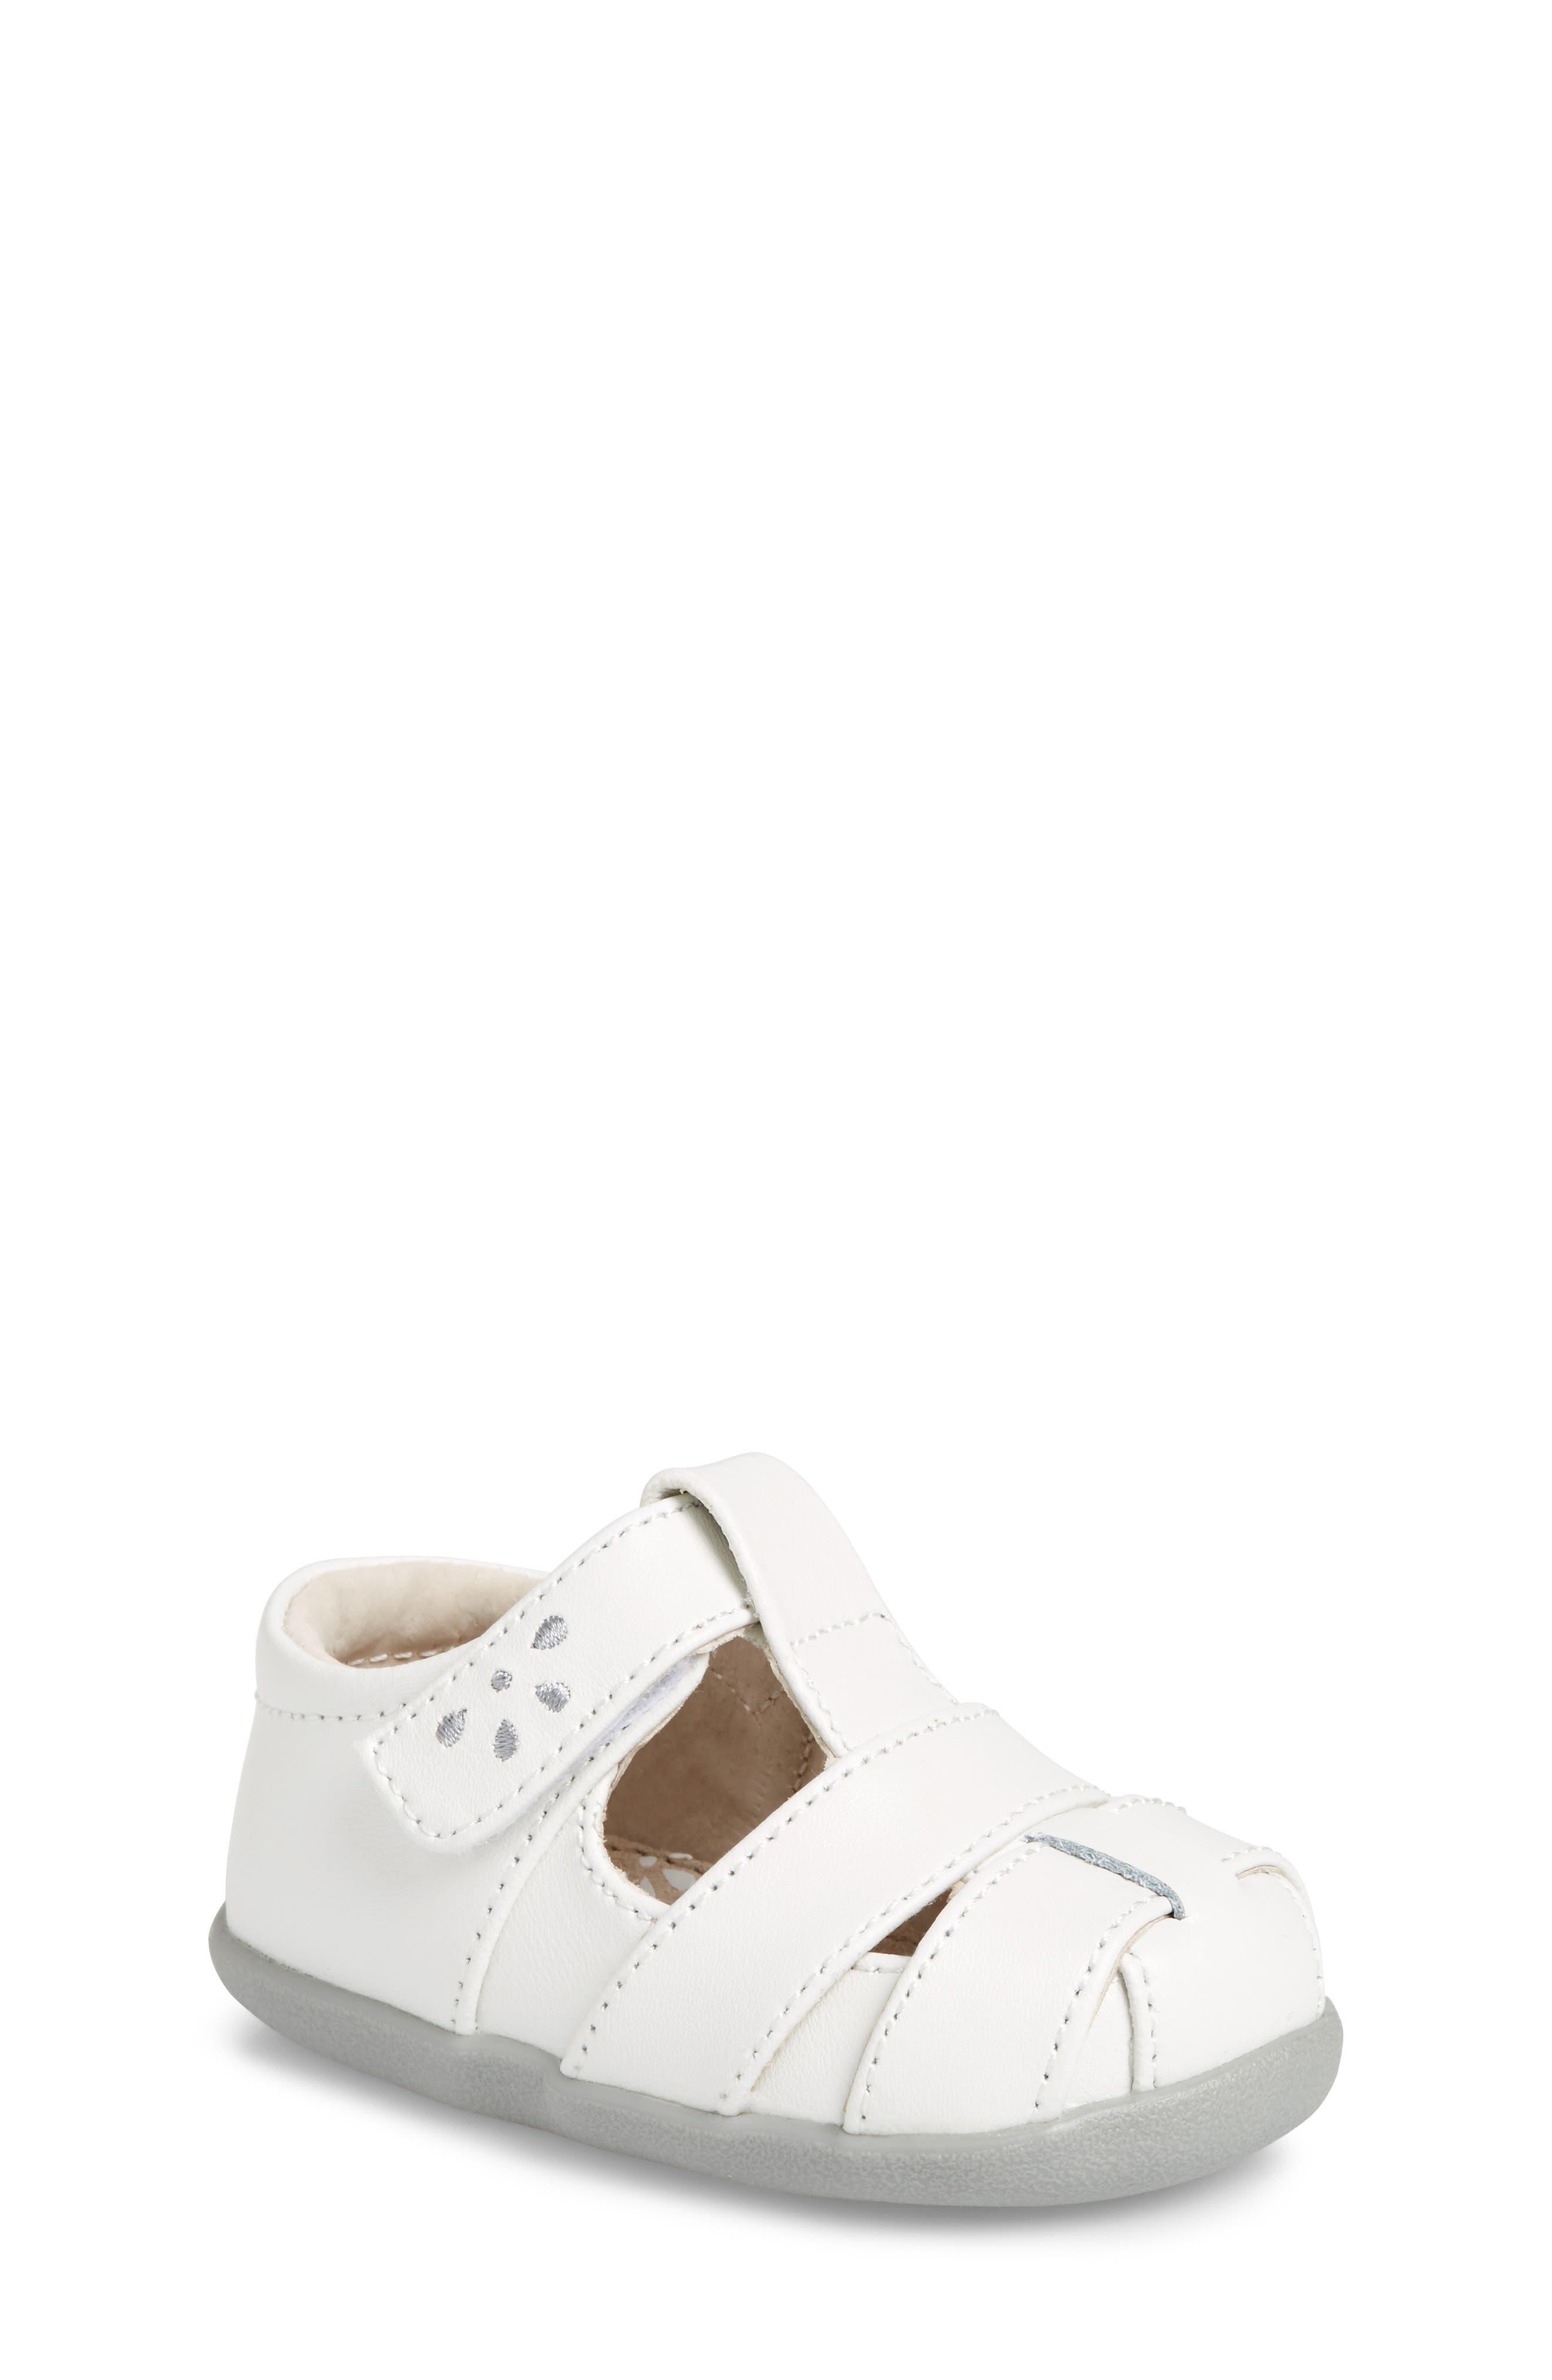 Brook III Sandal,                             Main thumbnail 1, color,                             White